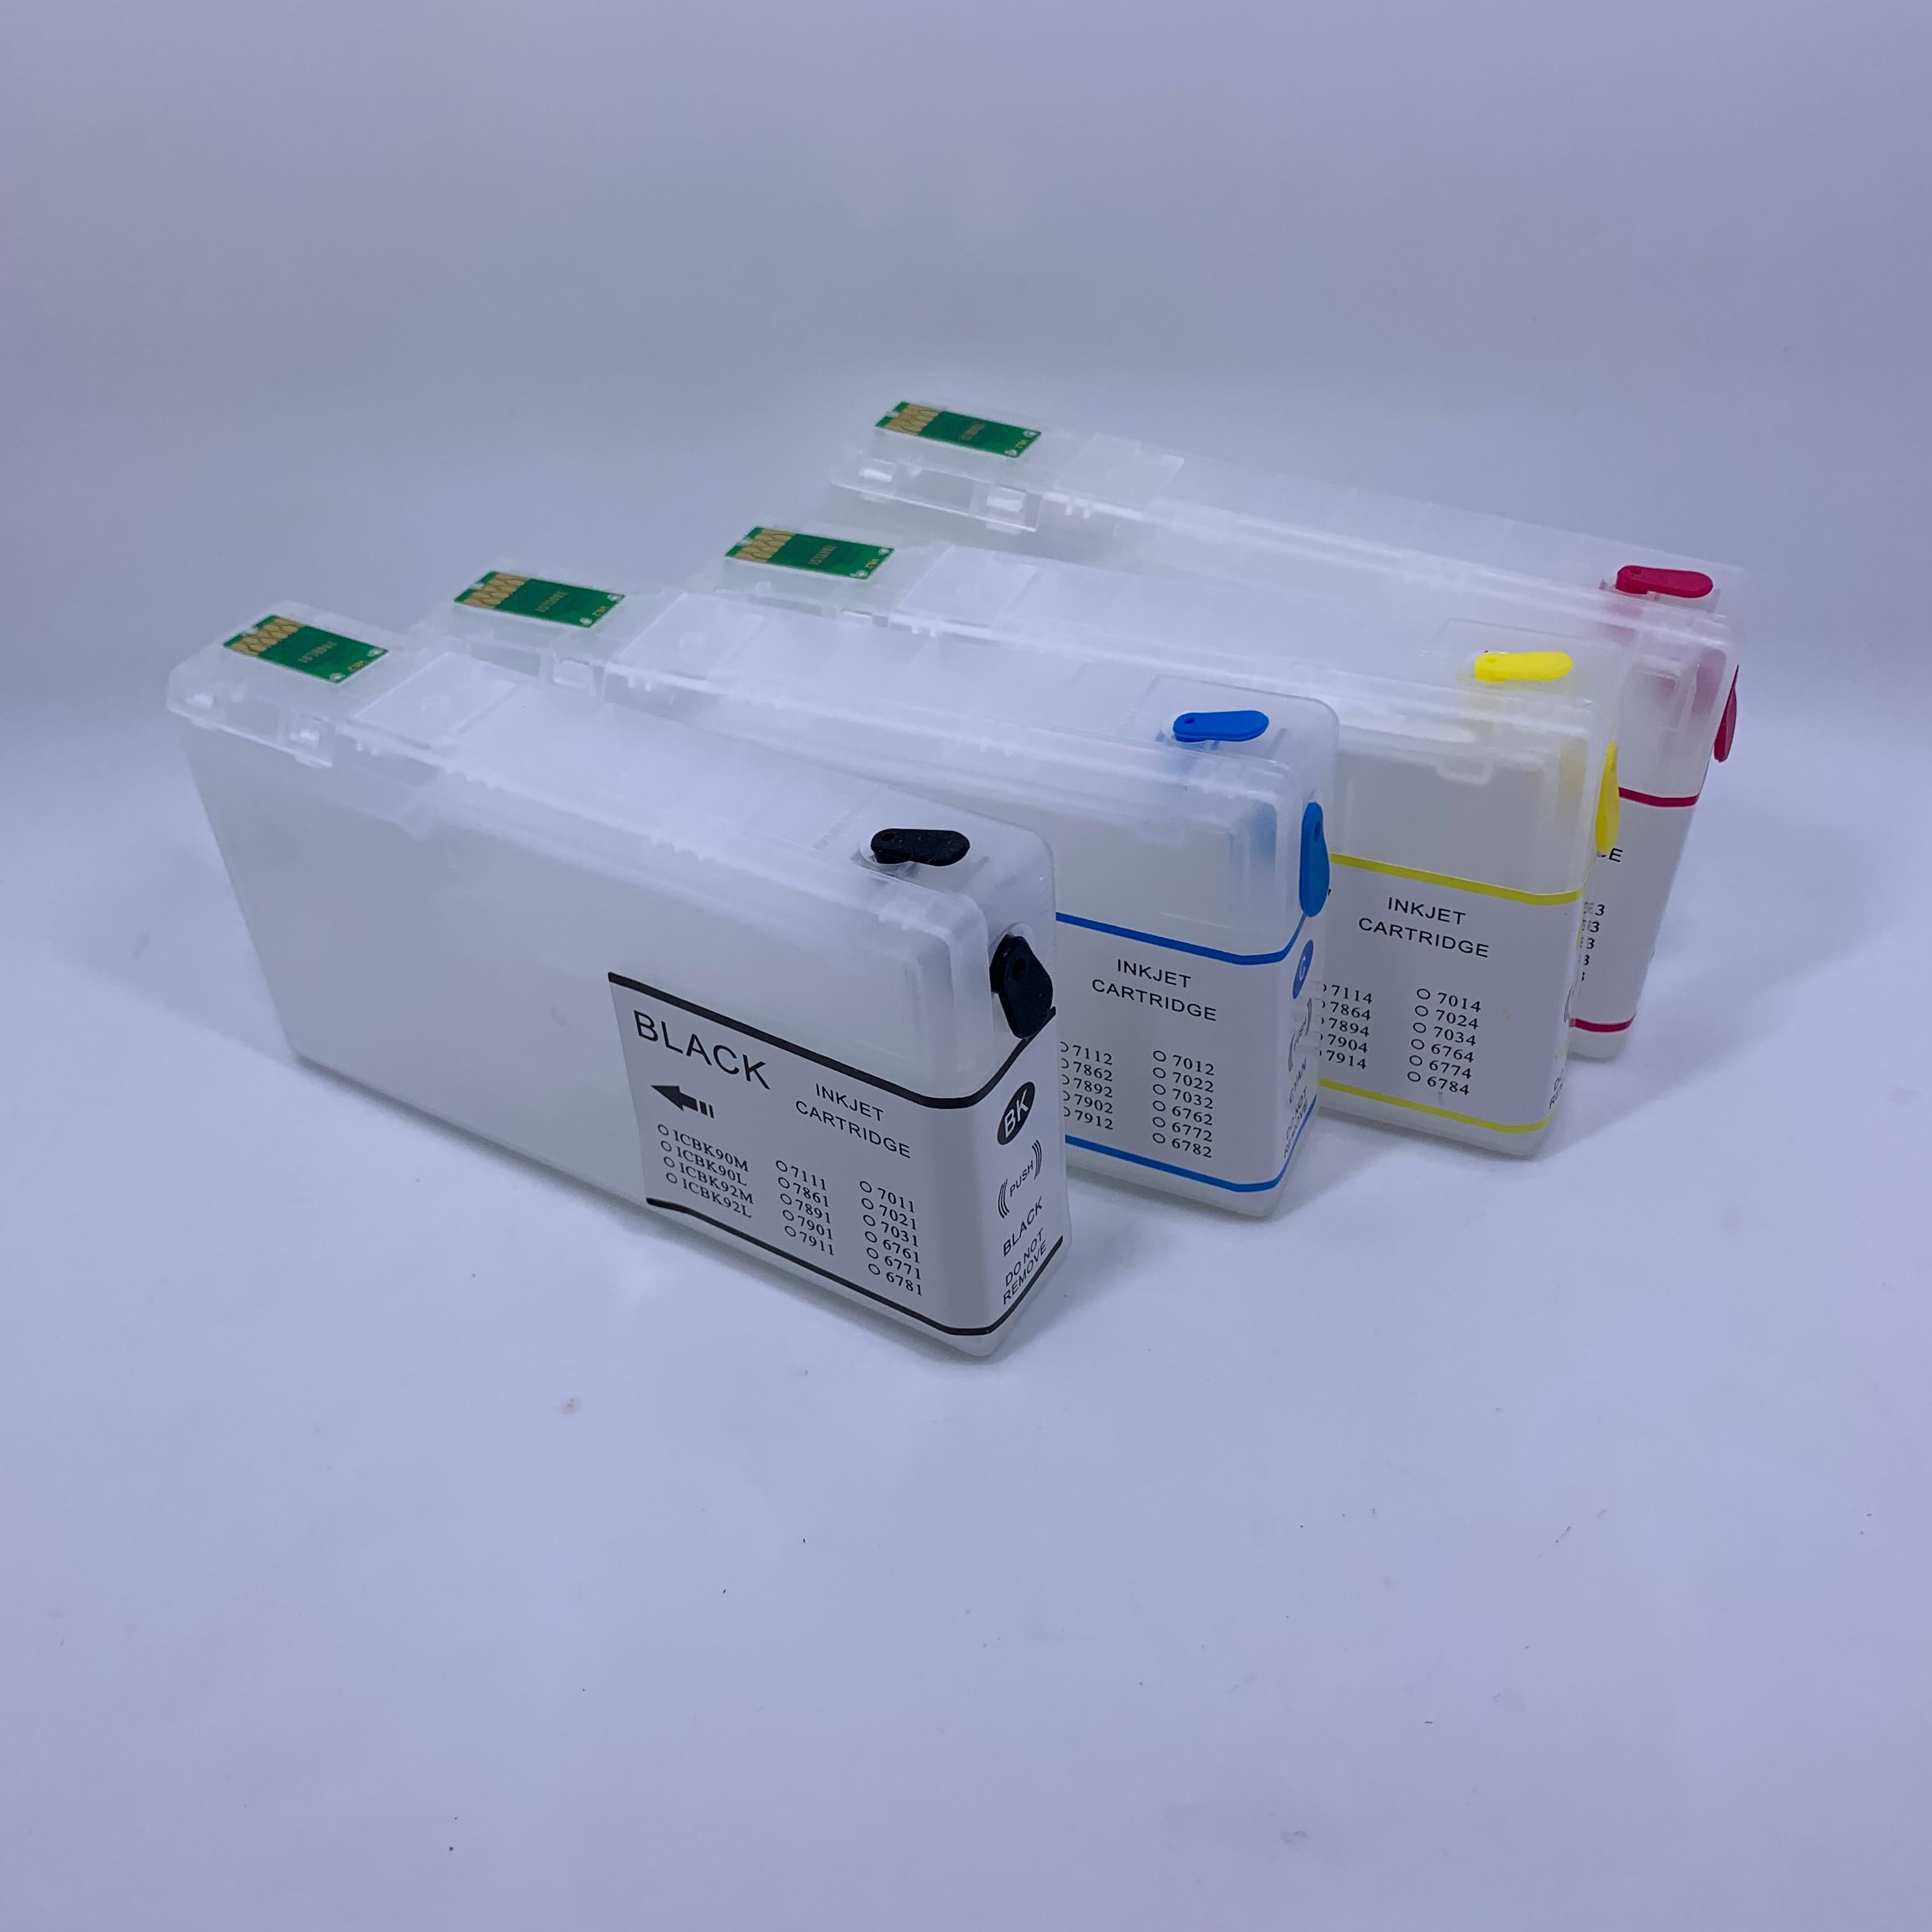 YOTAT refillable T6771 - T6774 ink cartridge for Epson WorkForcePro WP-4011 WP-4531 WP-4511 WP-4521 WP-4011 WP-4511 WP-4521